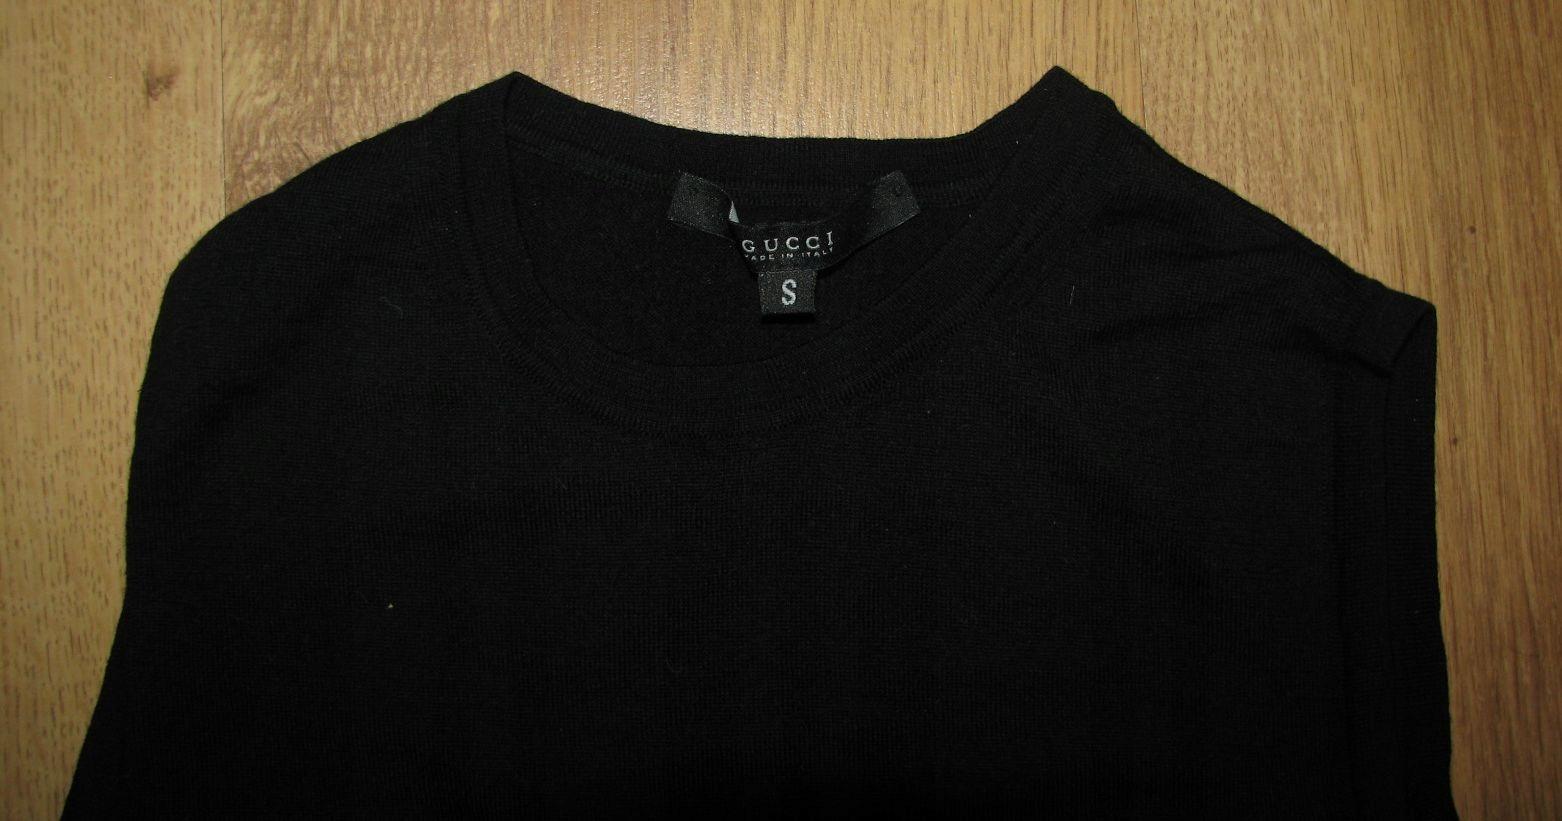 71352d6c59837 GUCCI j Nowa włoska kamizelka sweter bezrękawnik - 7640333102 ...